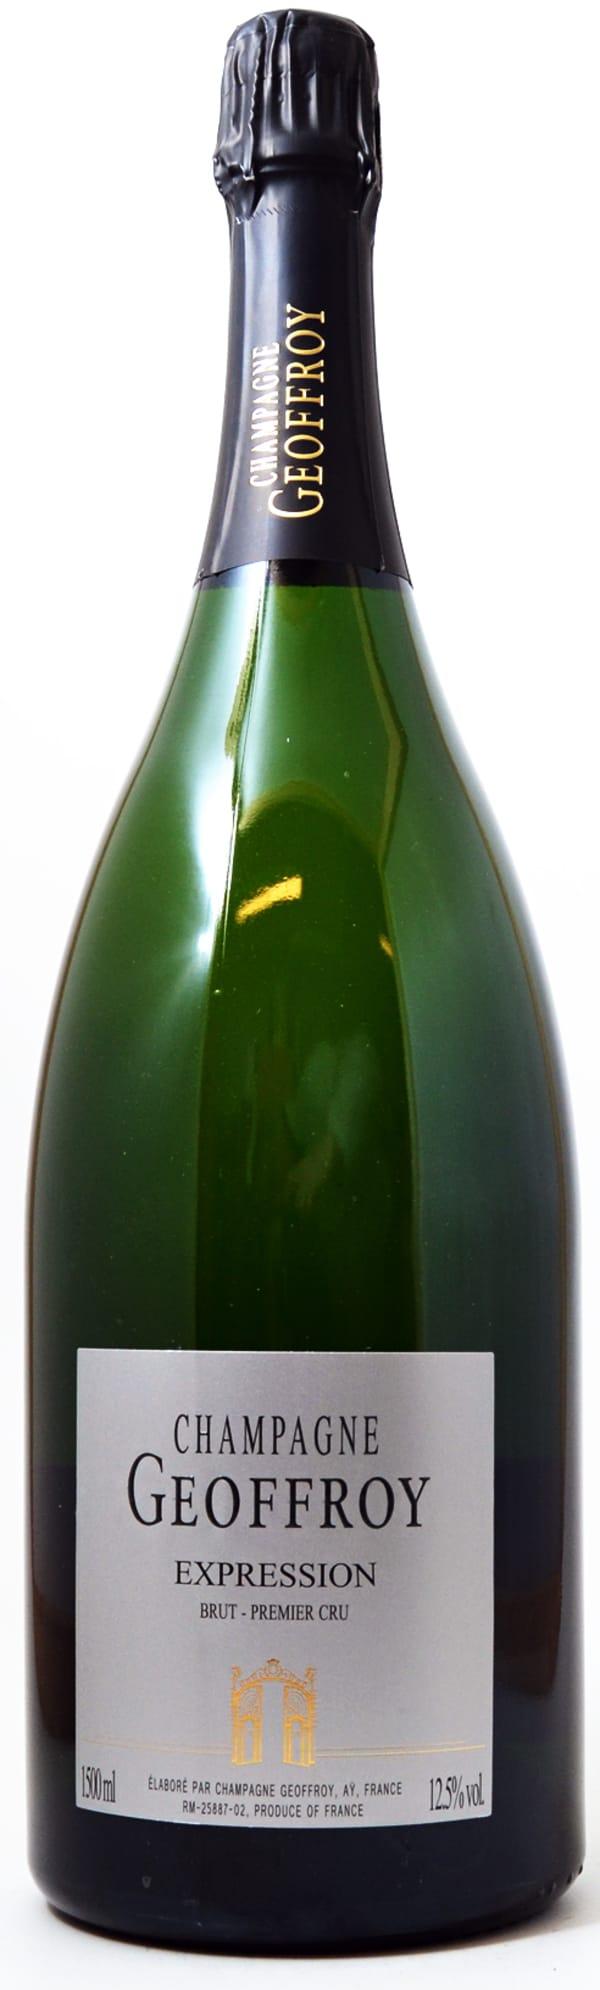 Geoffroy Expression Magnum Champagne Brut